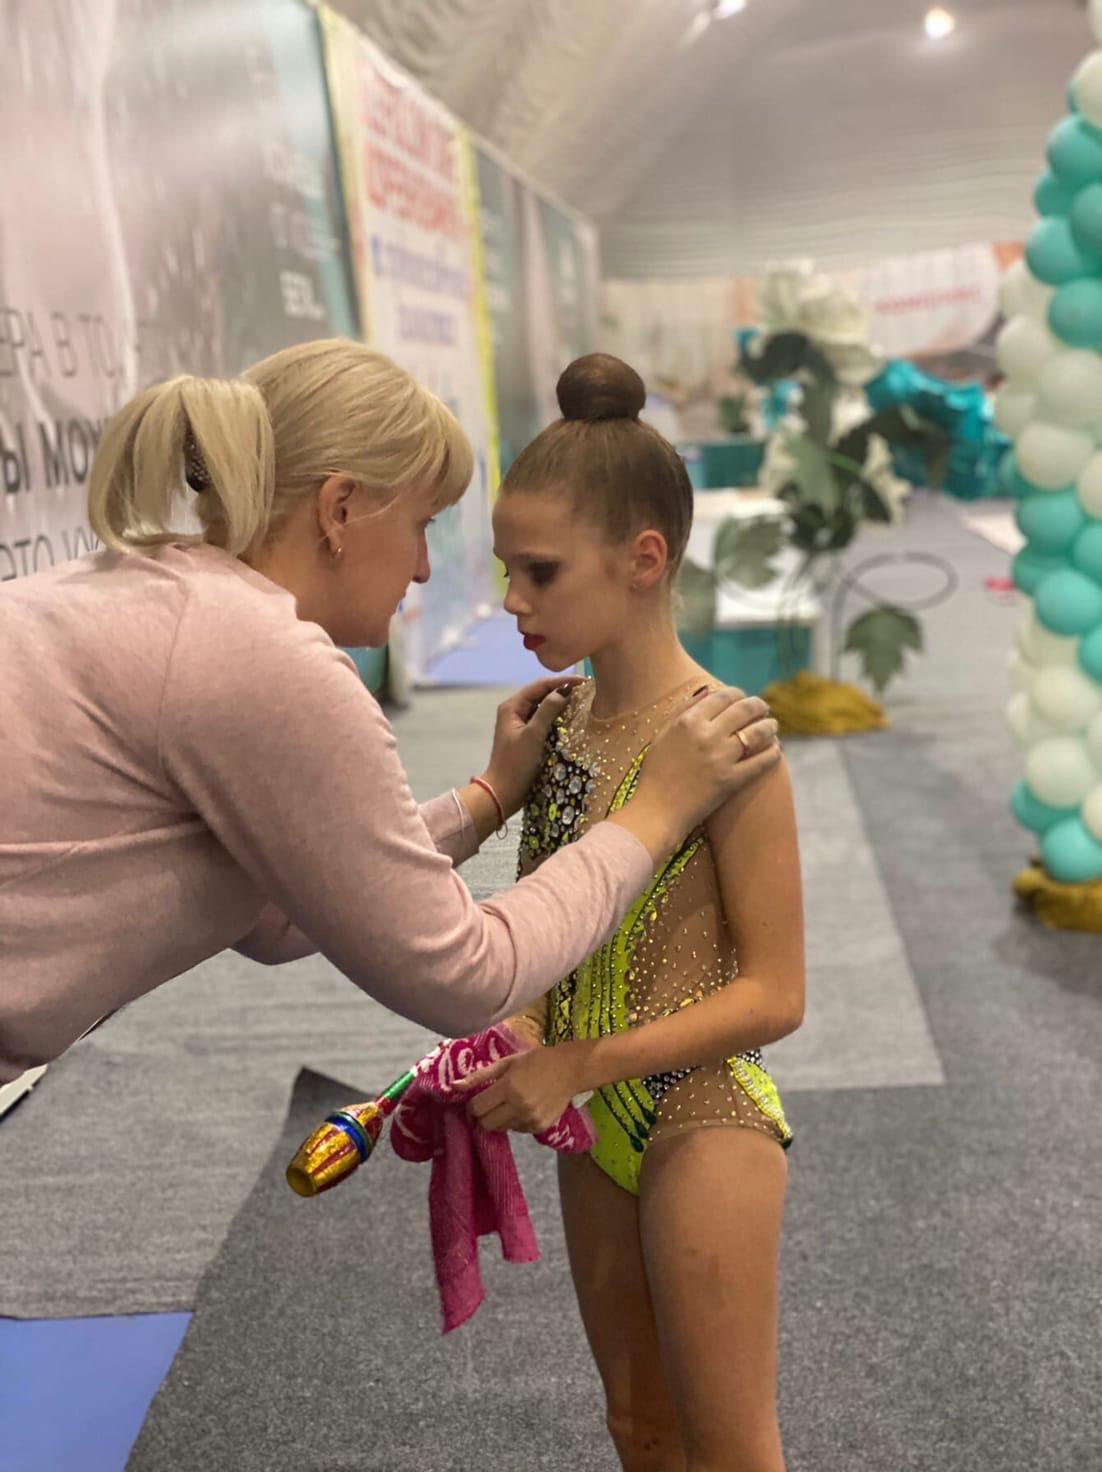 12-16 ноября в г. Ковров прошёл Всероссийский турнир (ЕКП ч.1 ФМ 195) по художественной гимнастике «Аскона спорт».